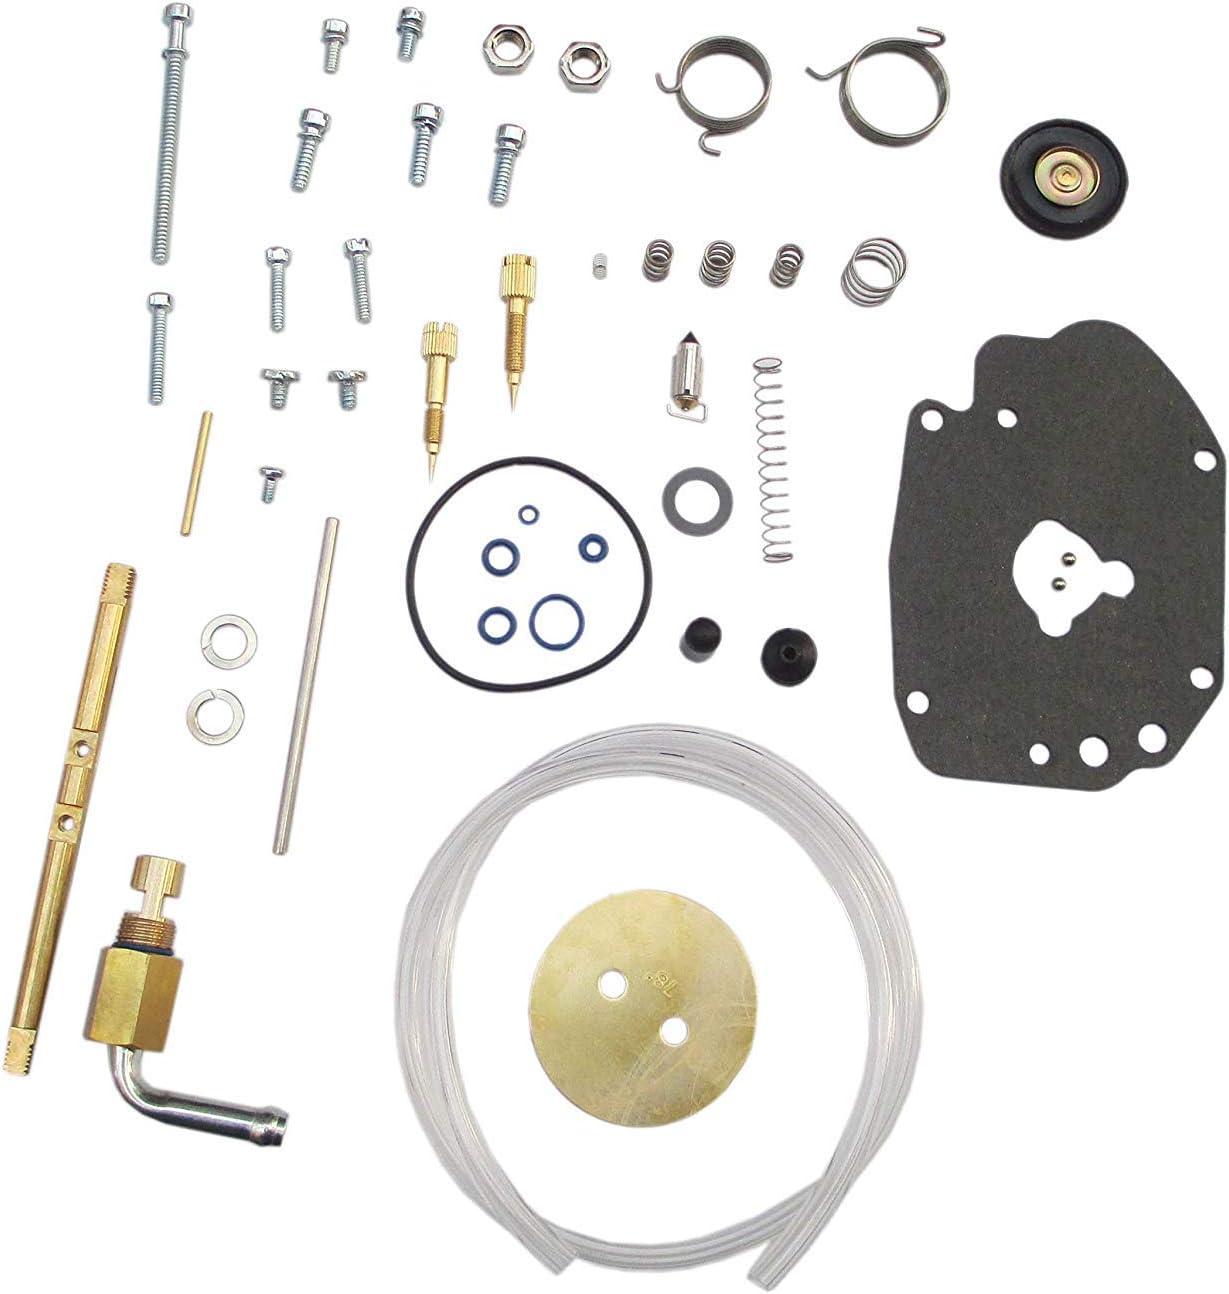 New Max 53% OFF 5 popular Carburetor Repair Kit Fit For Master SS Rebuild Carb Re